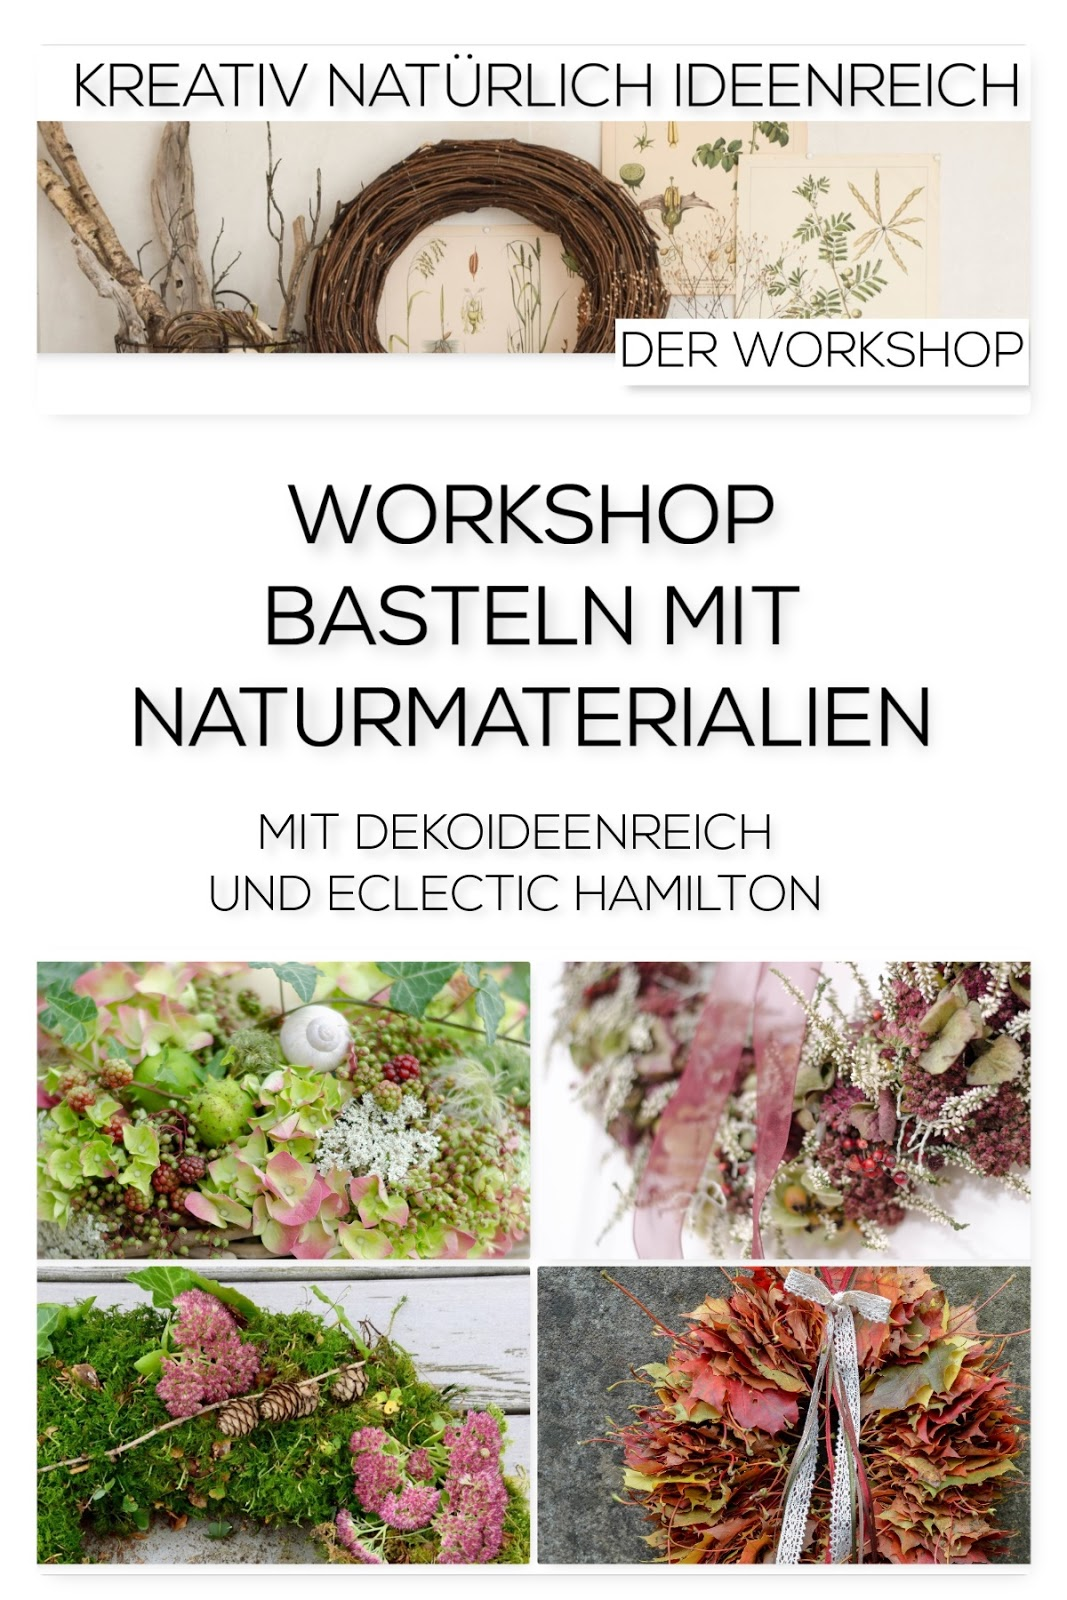 Der Workshop mit Ines von ECLECTIC HAMILTON und Susanne von DekoideenReich. DIY Kränze aus Naturmaterialien selbermachen.